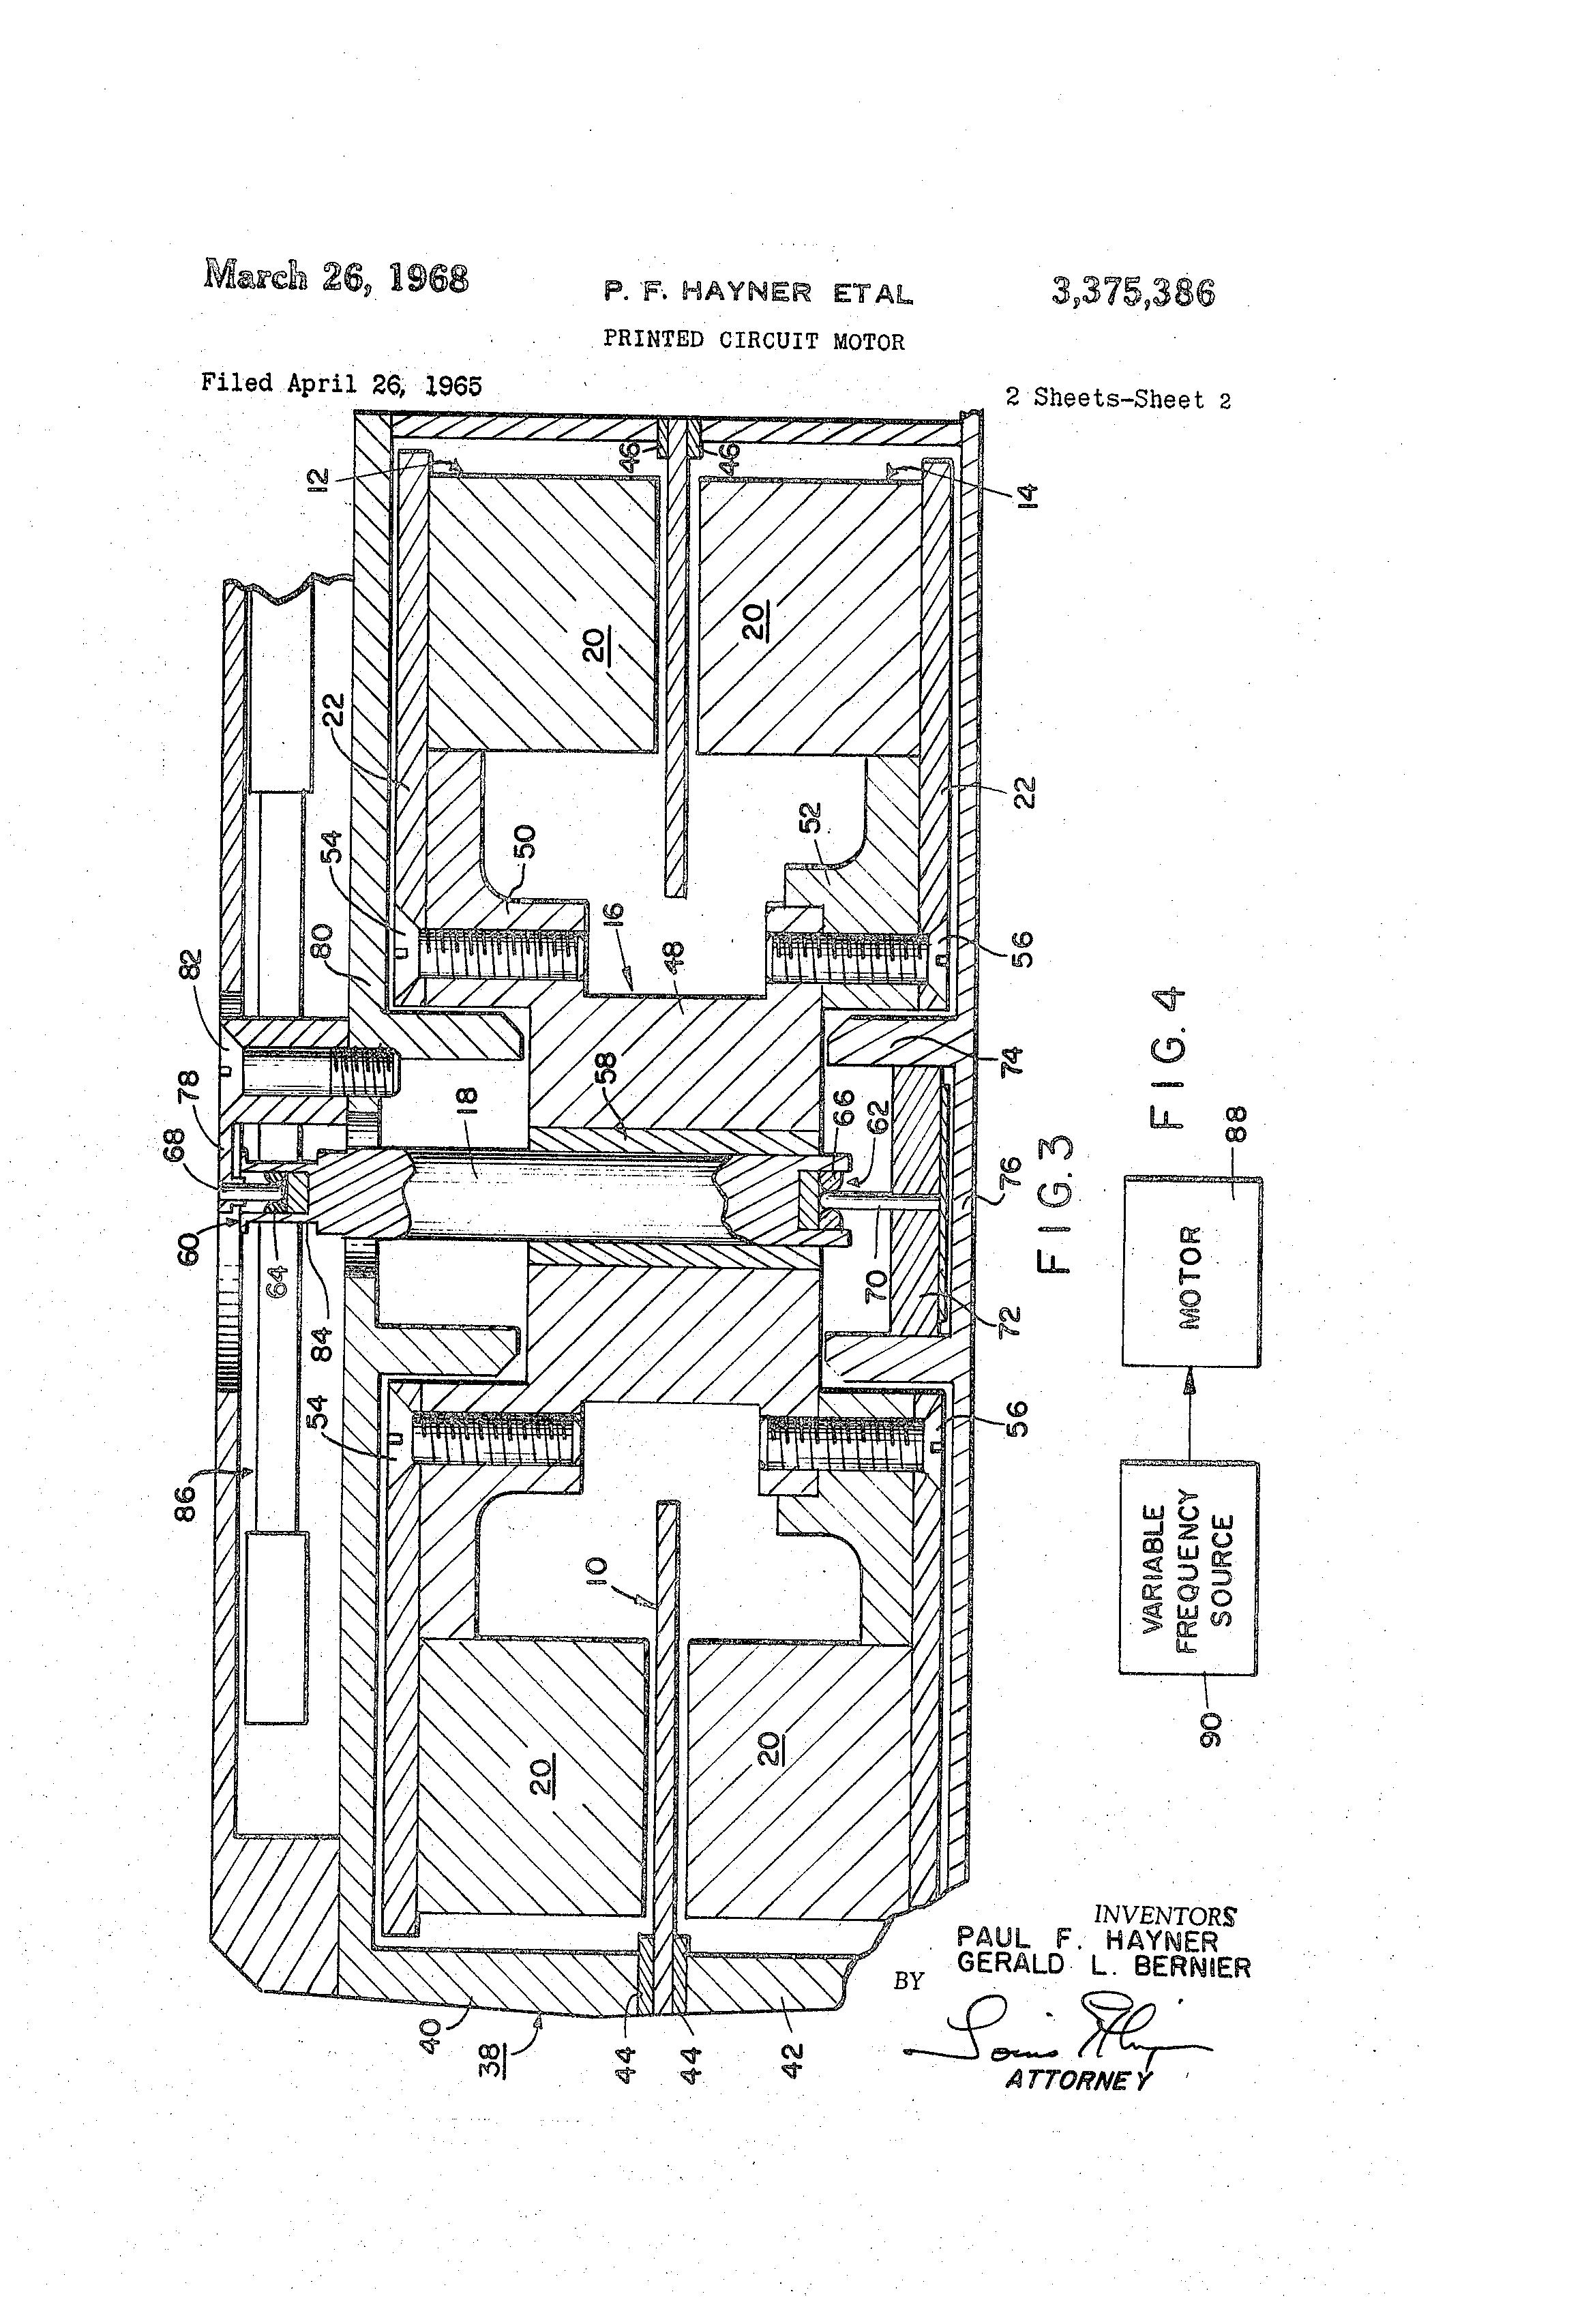 patent us3375386 - printed circuit motor